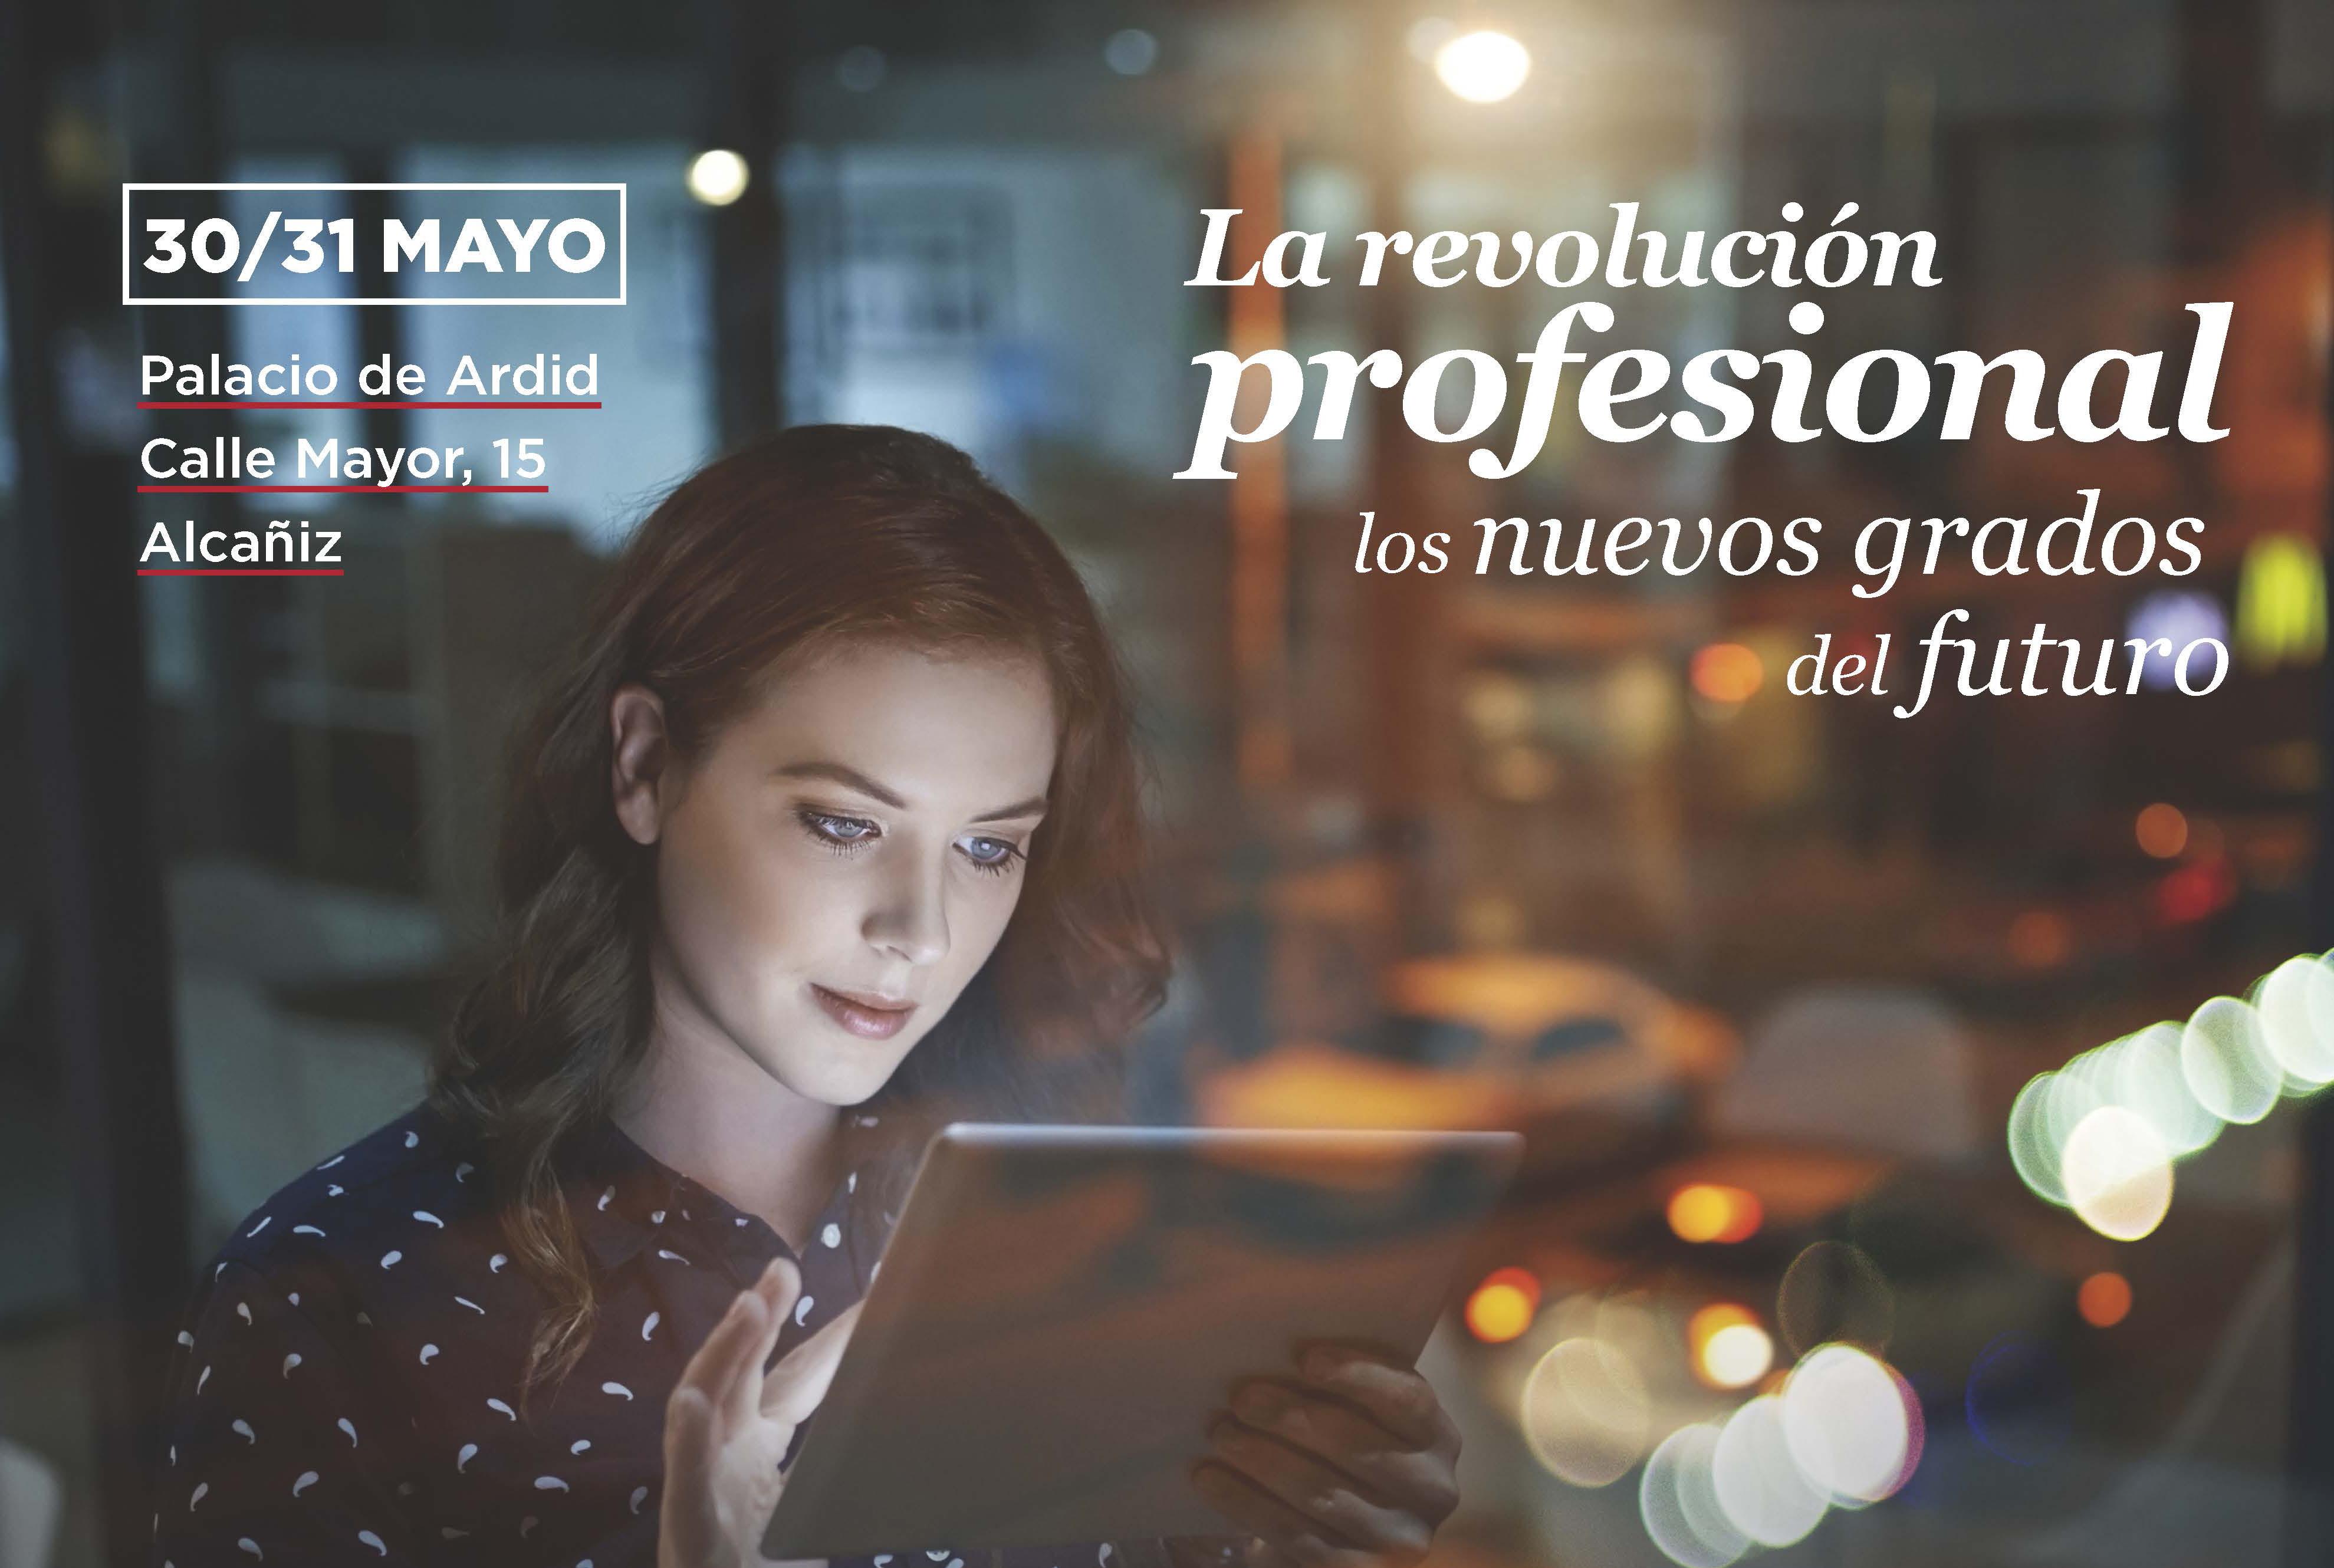 Cartel del ciclo La revolución profesional en Alcañiz